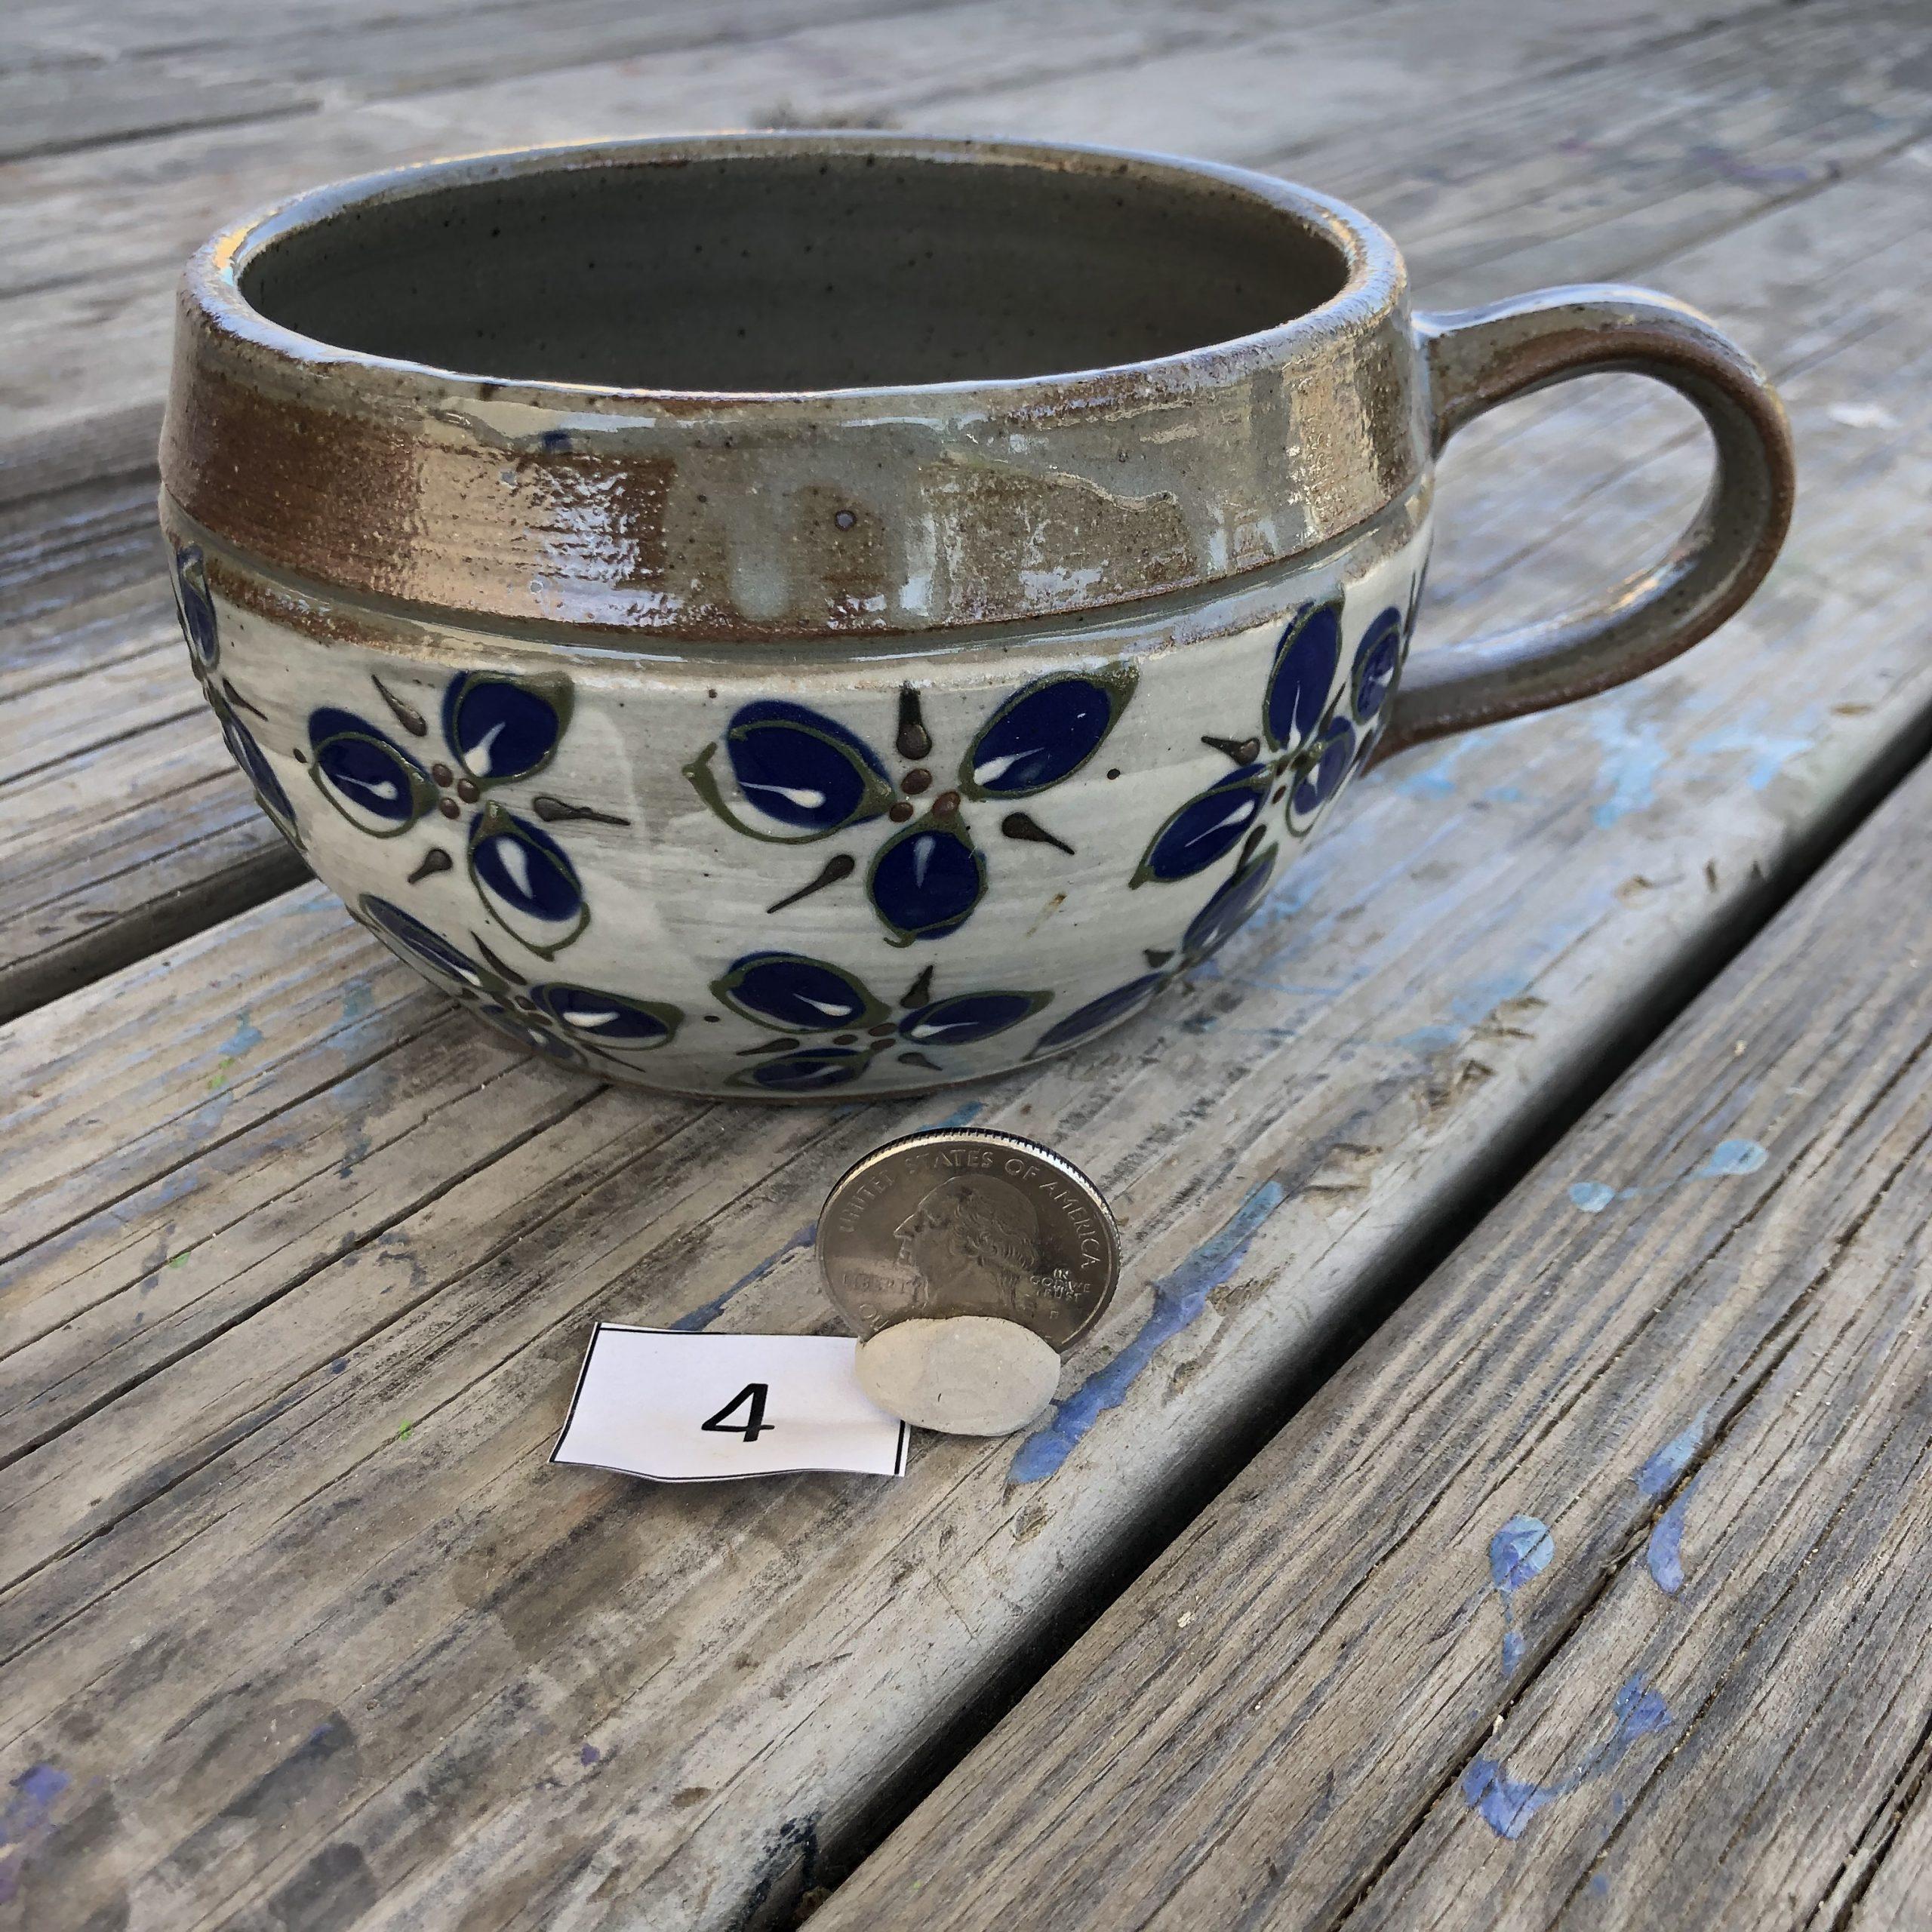 Misha Sanborn Leaf Design Mug #4